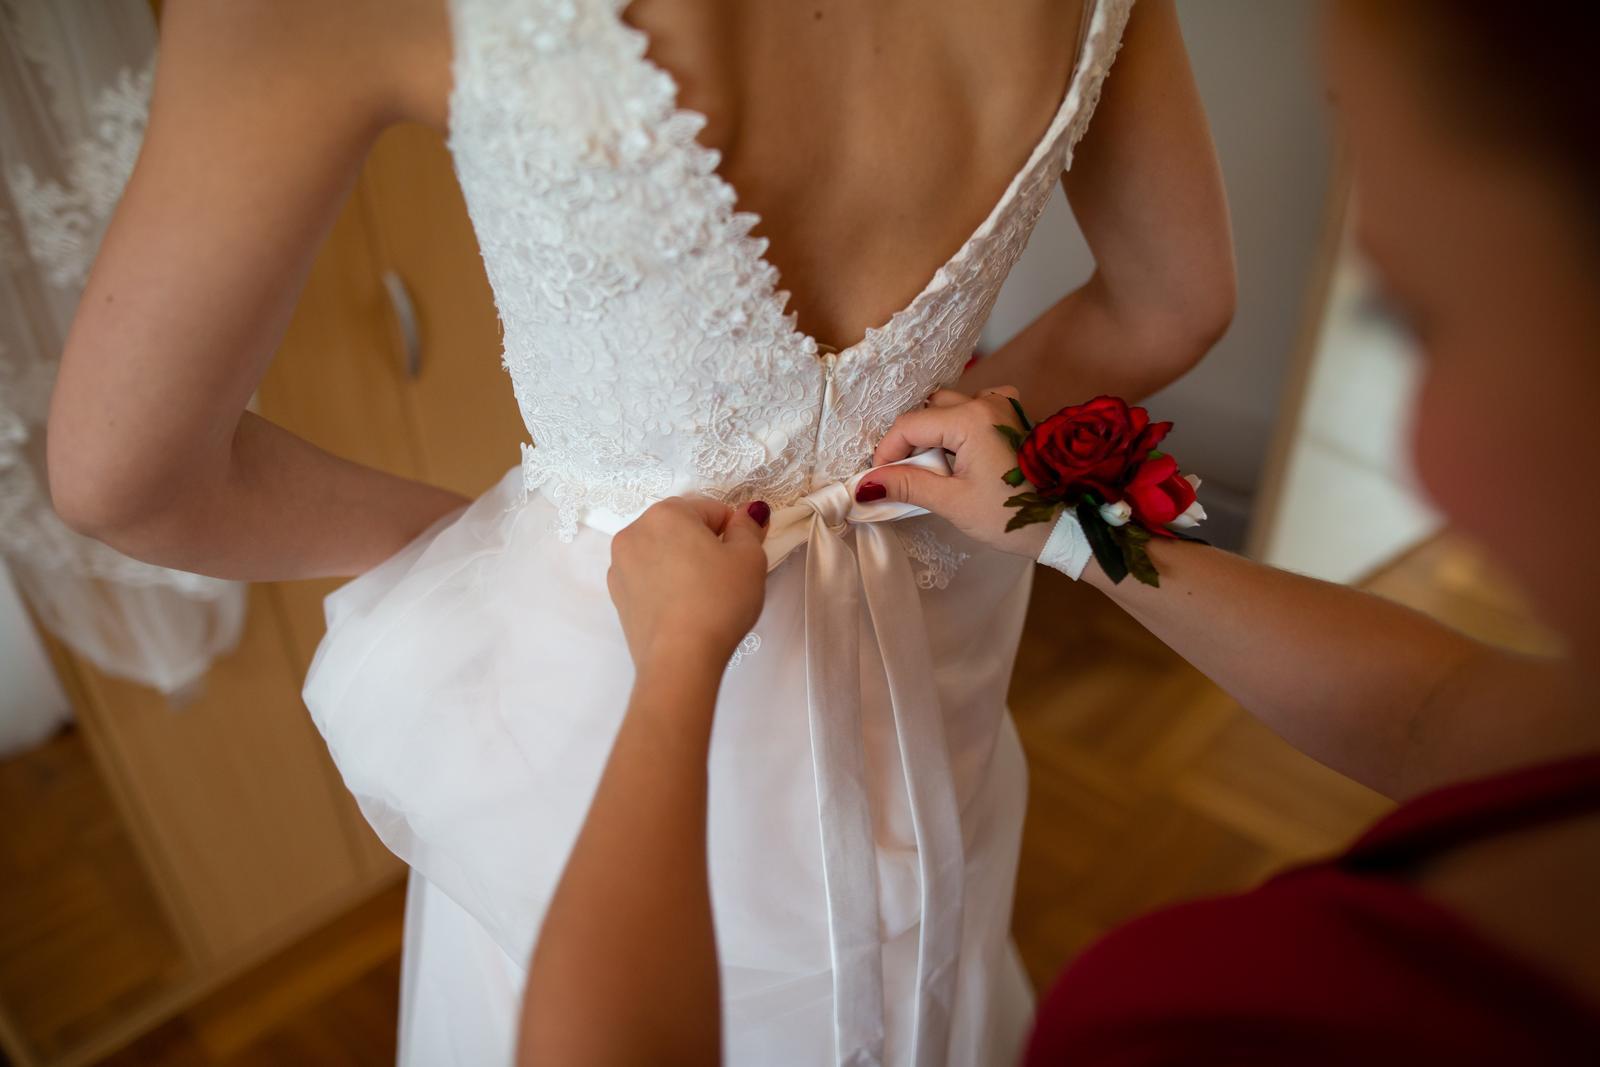 Svatební šaty s holými zády a růžovou spodničkou - Obrázek č. 1